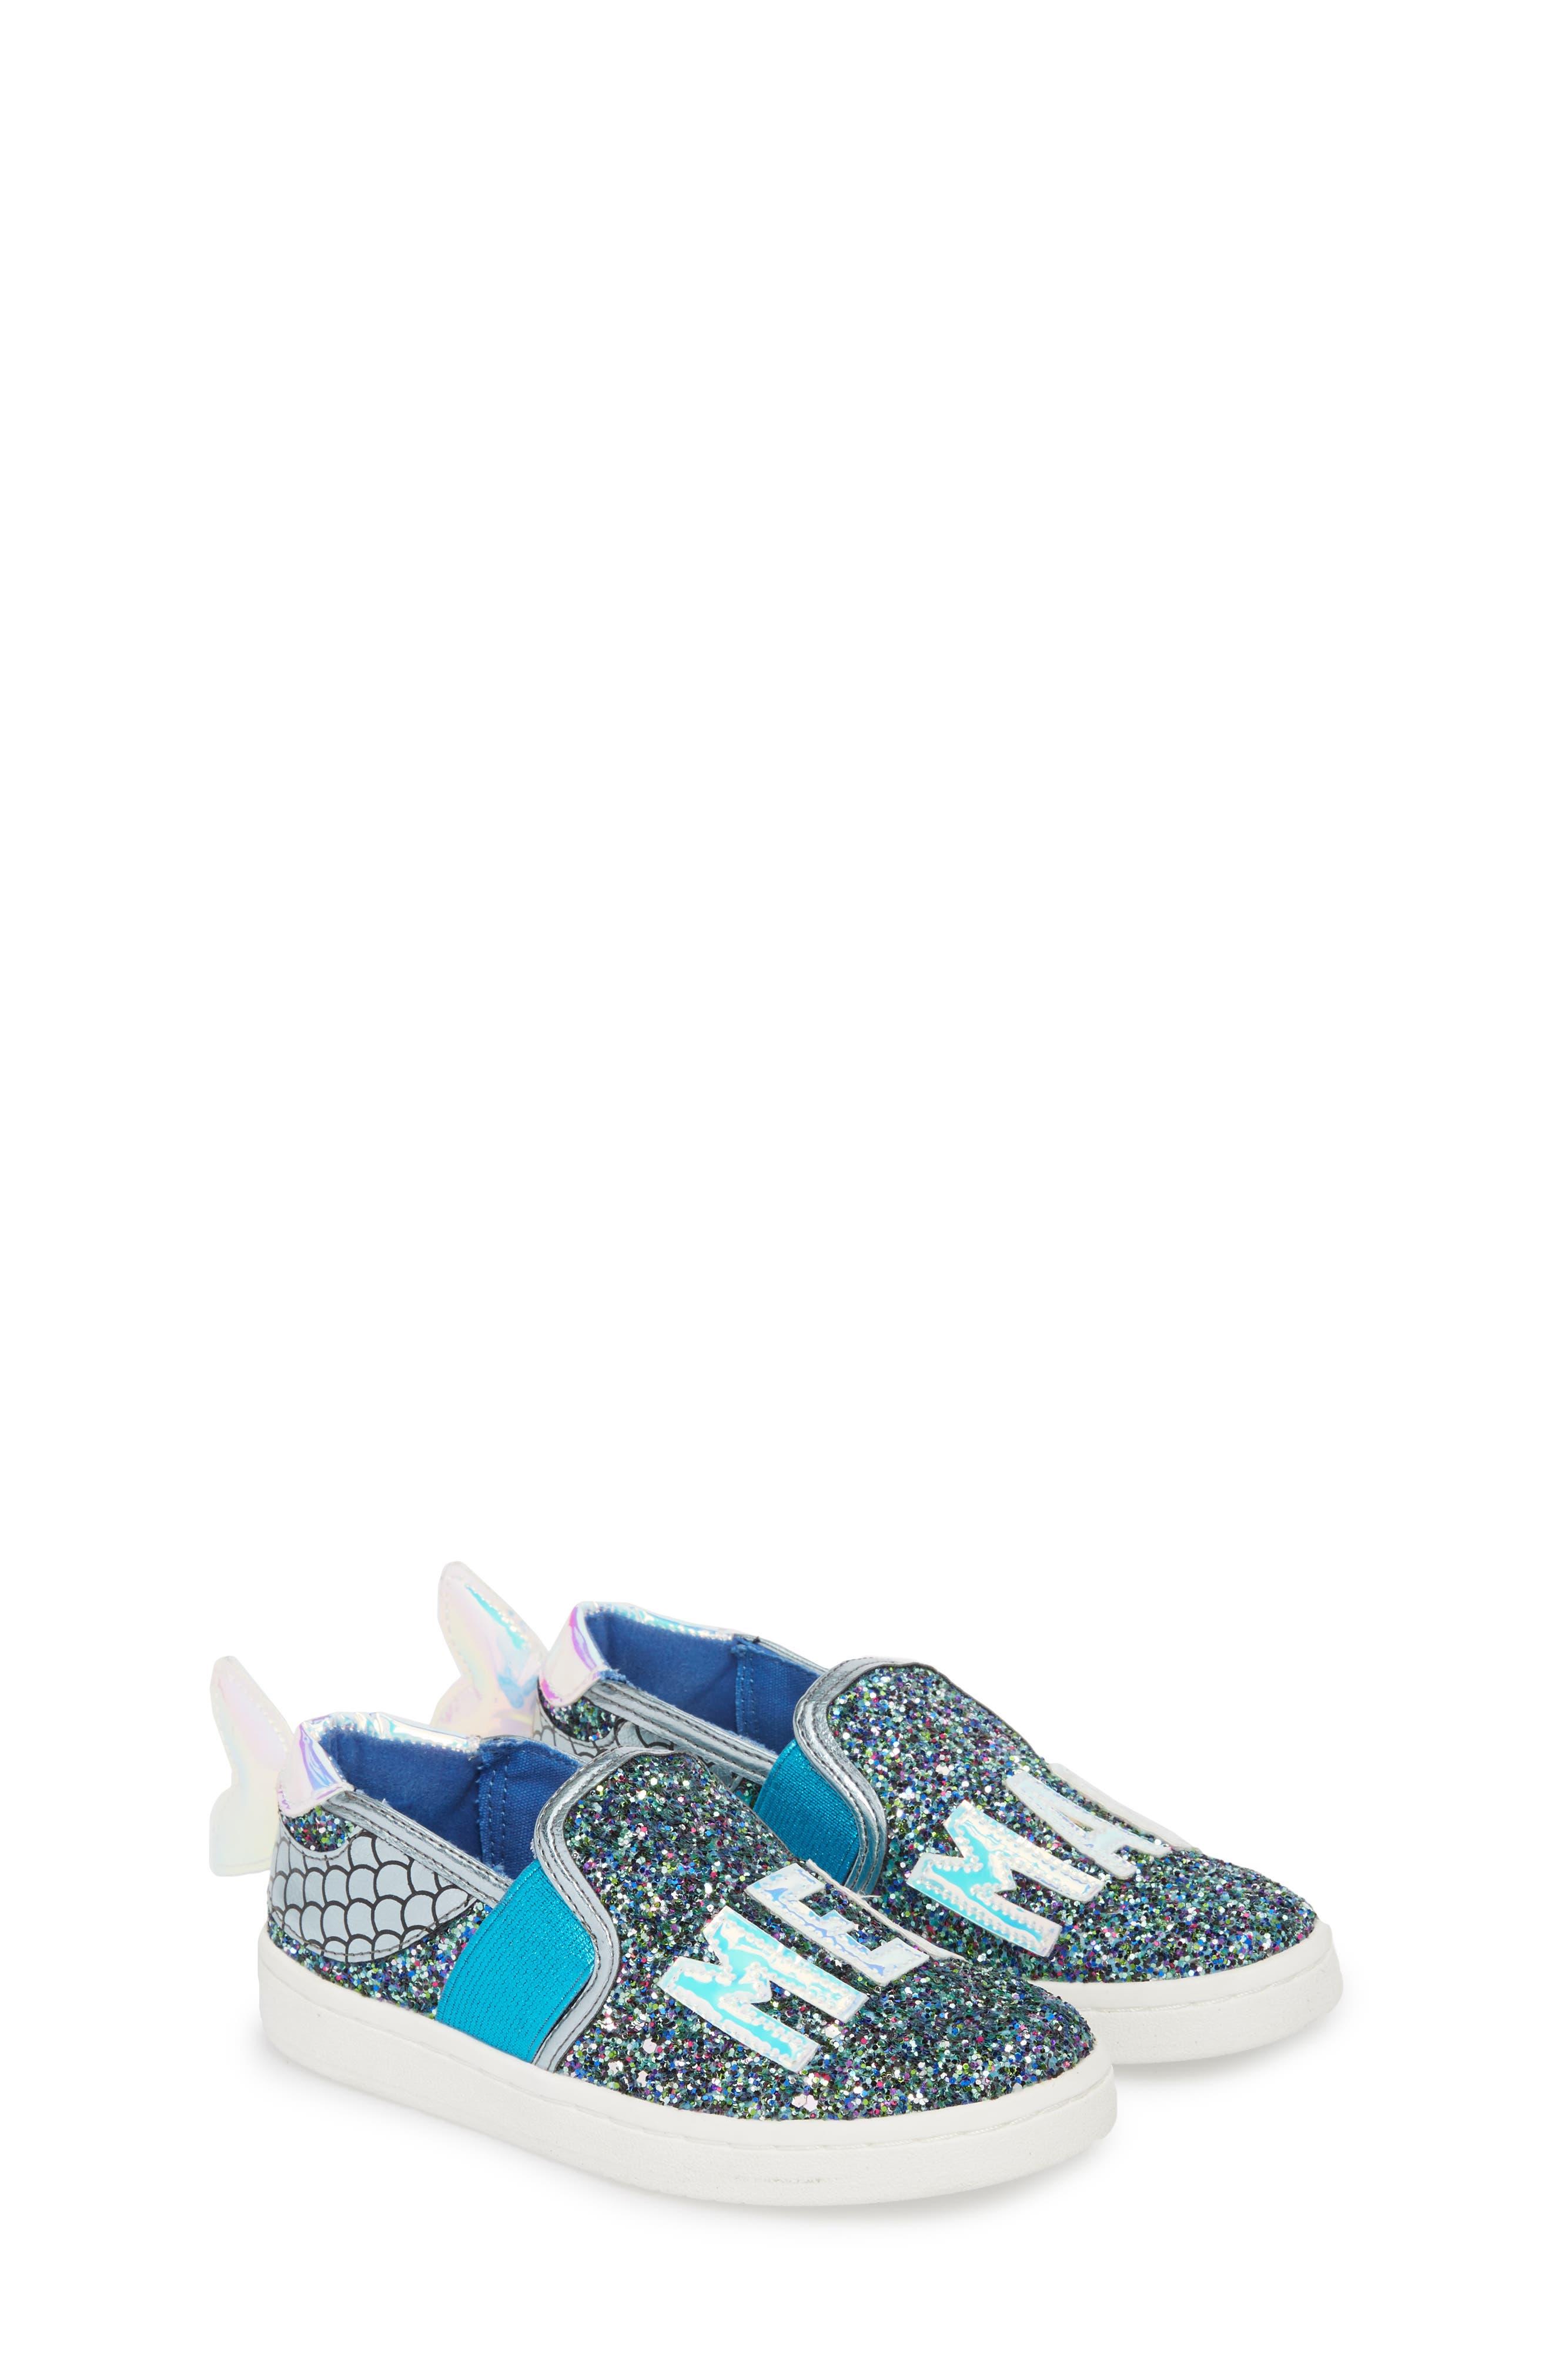 Blane Slip-On Sneaker,                             Alternate thumbnail 5, color,                             Blue Glitter